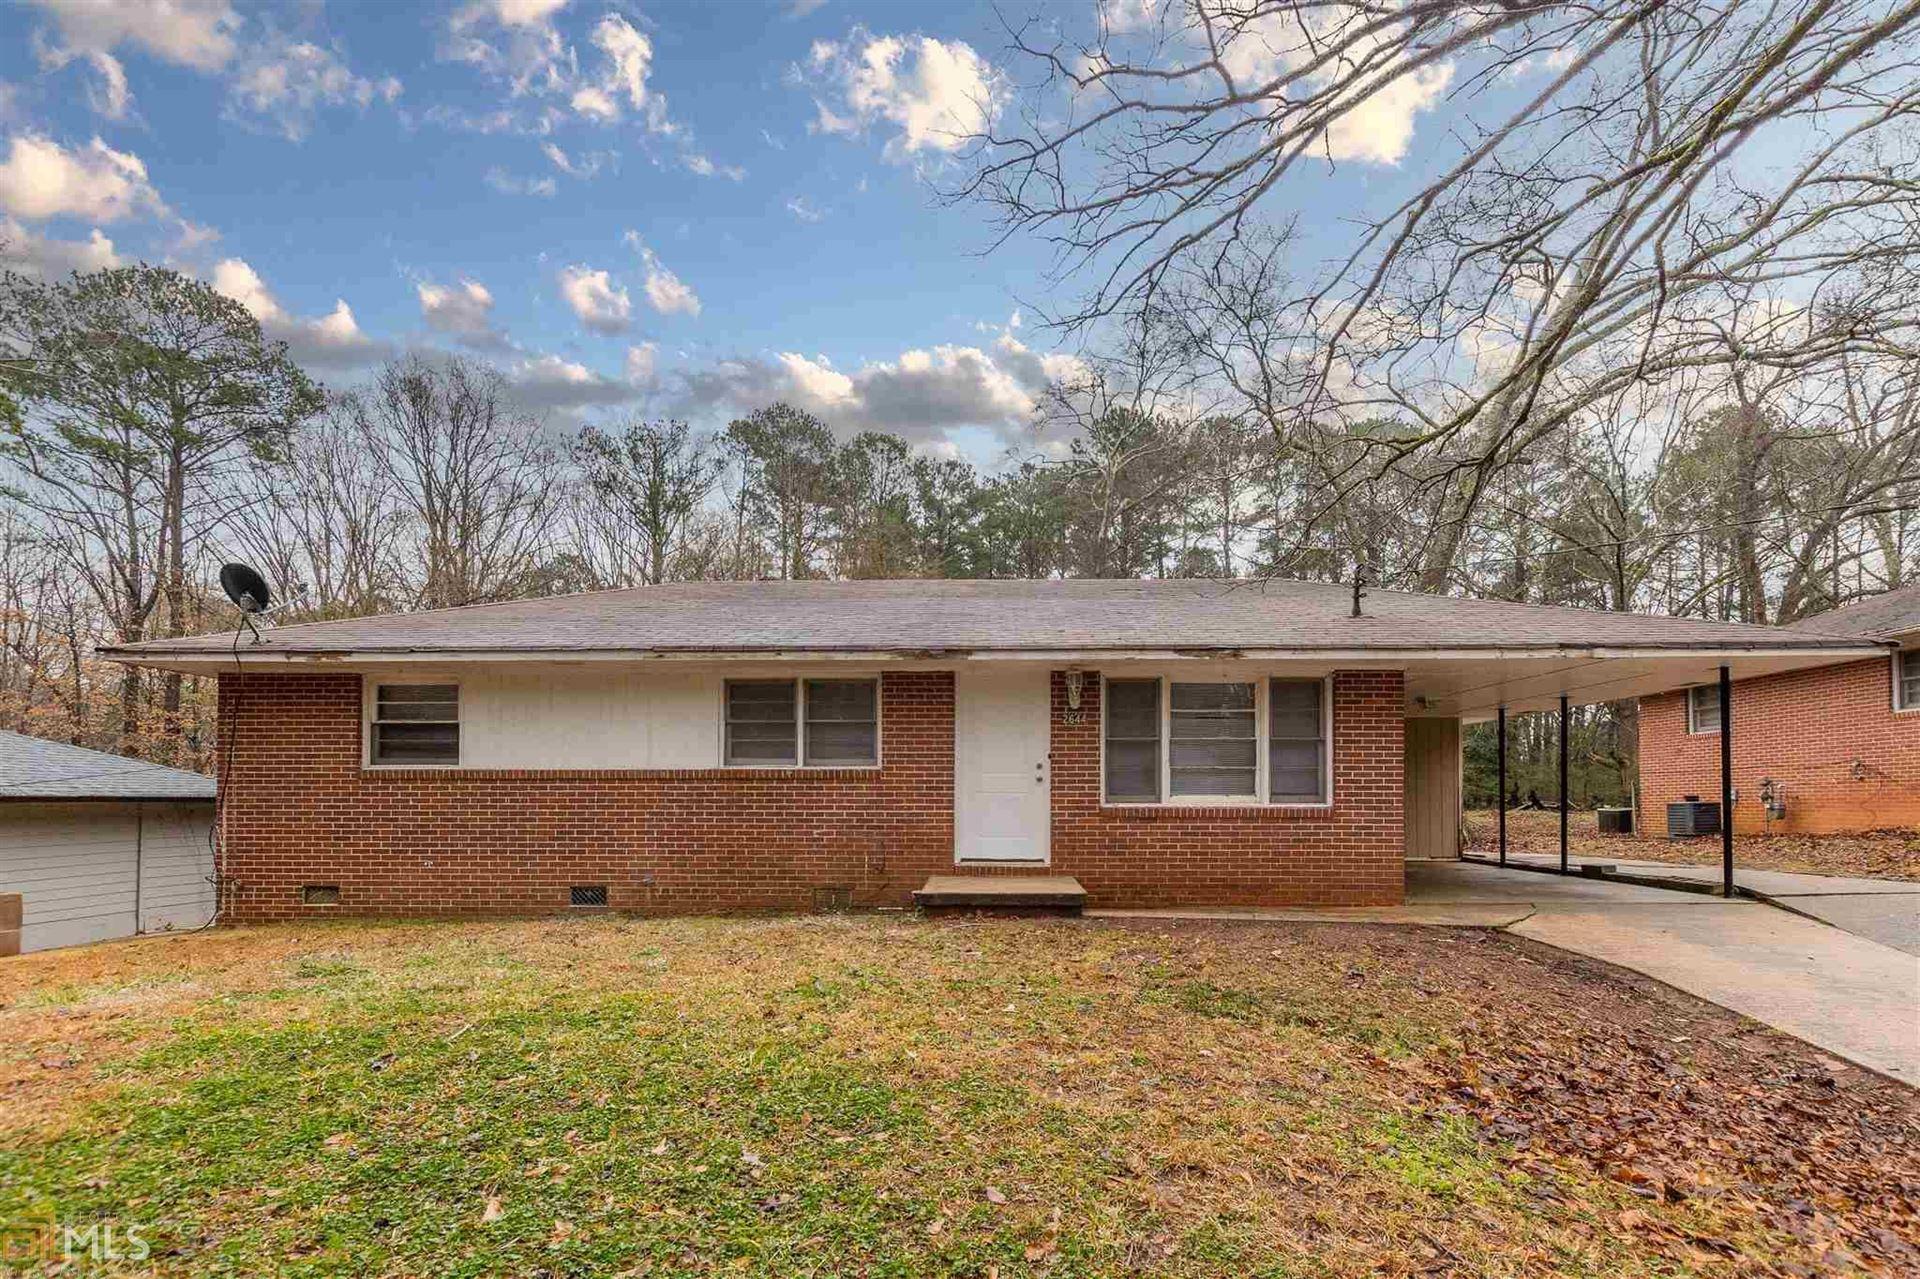 2644 Butner Rd, Atlanta, GA 30331 - MLS#: 8893617